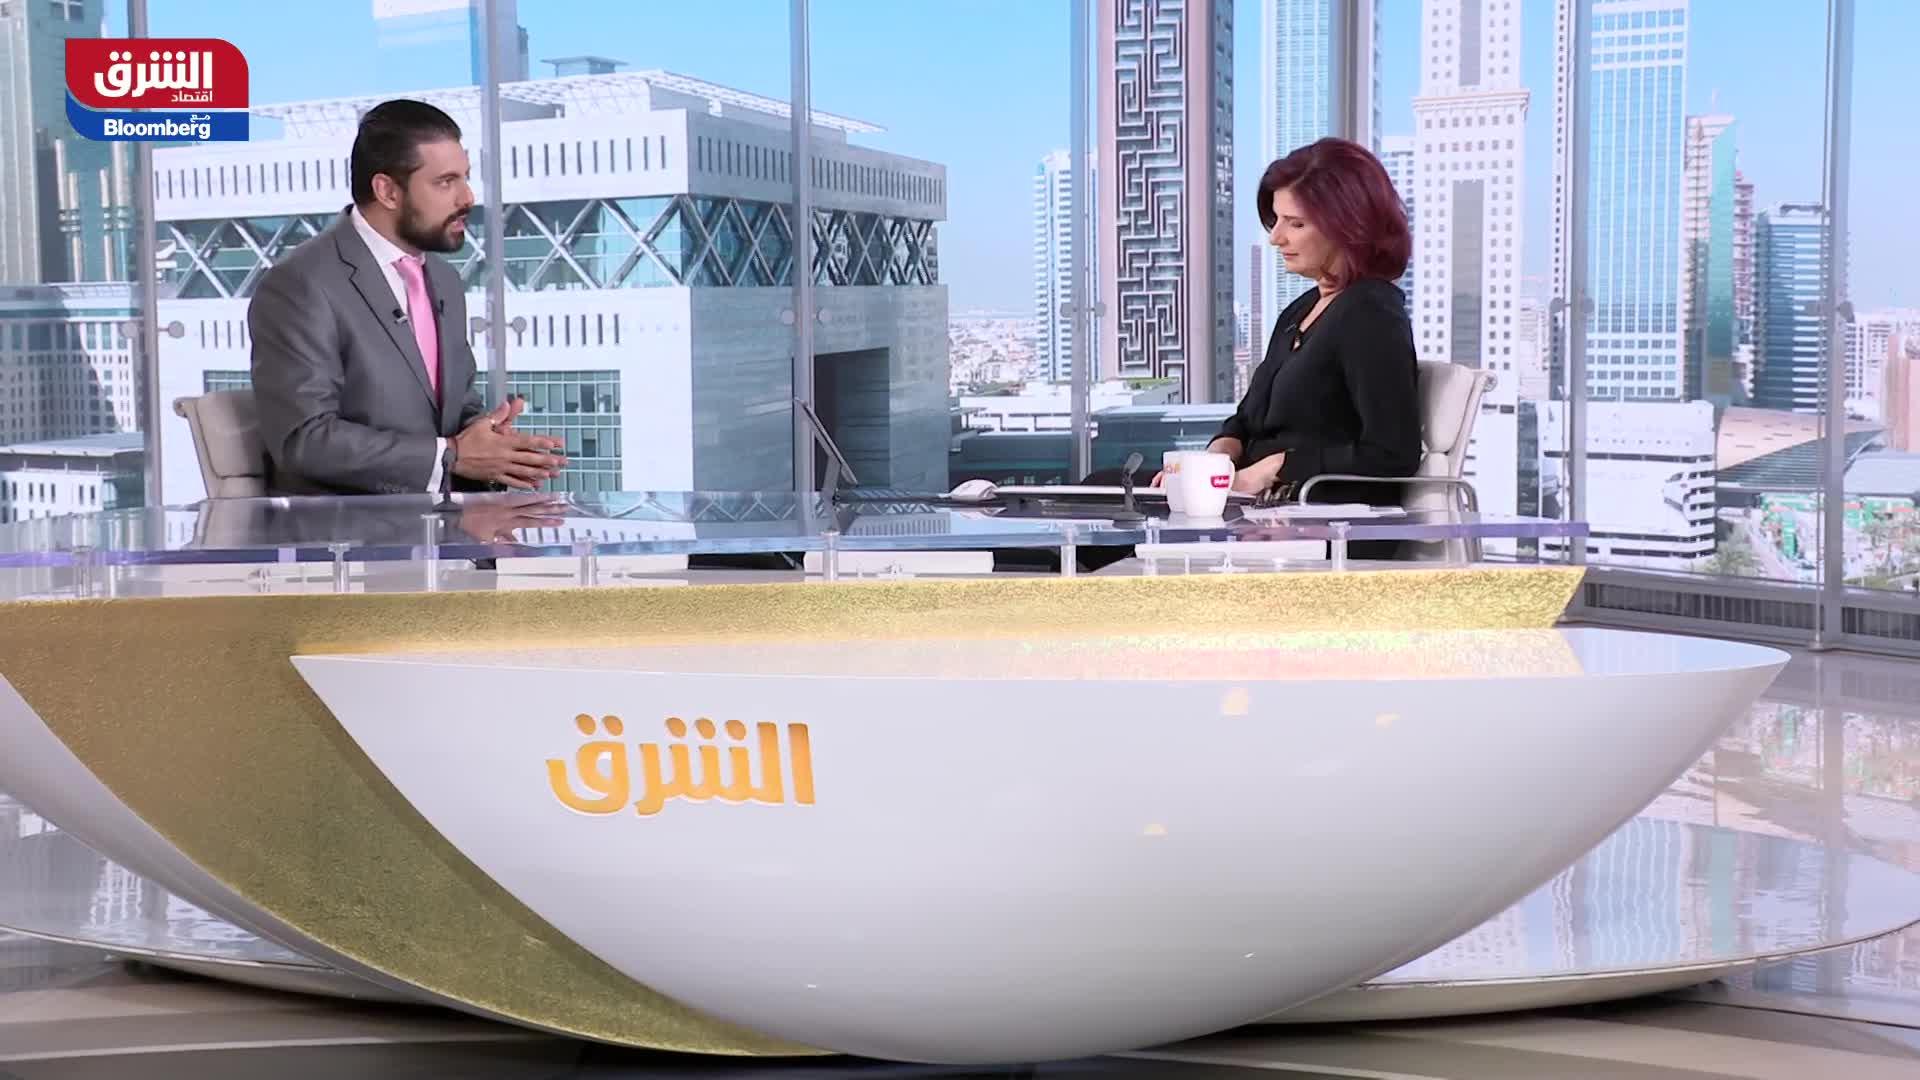 – دومنيك الخوري رئيس تطوير الأعمال ومحلل الأسواق لدى AFTX